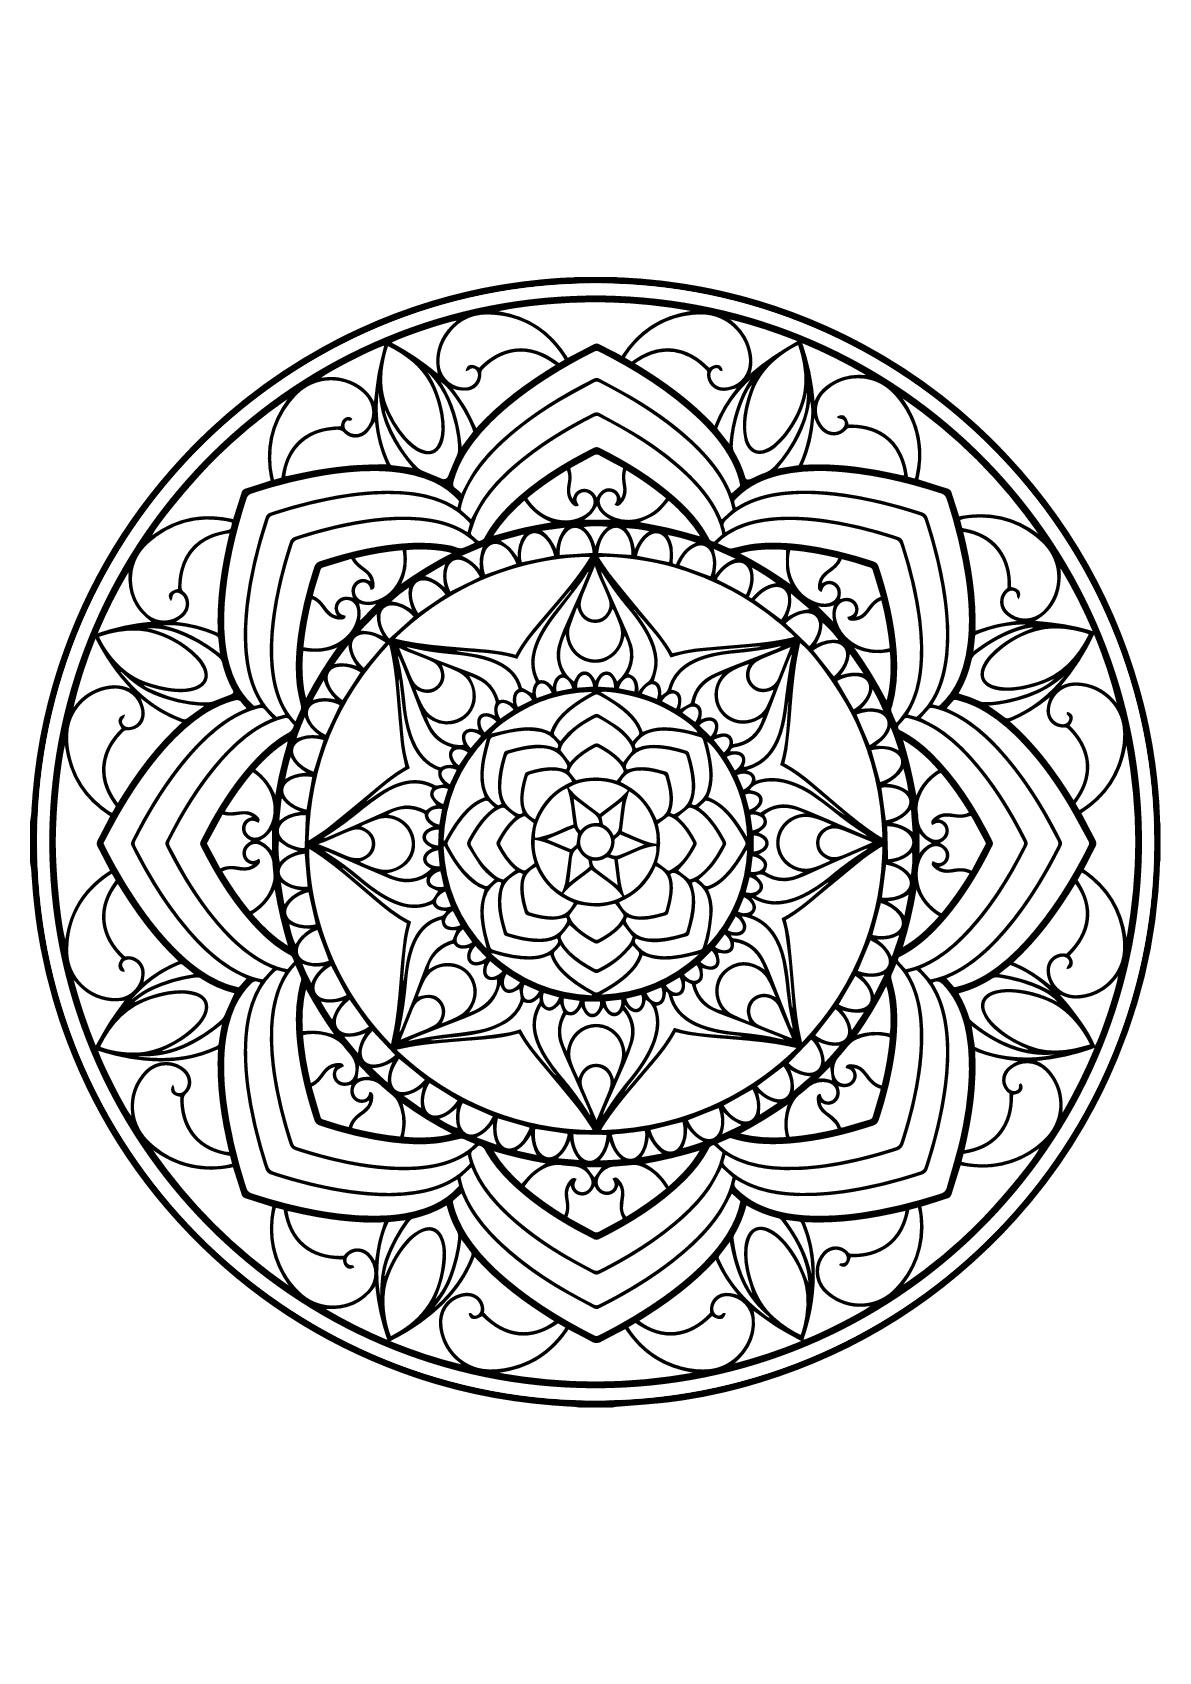 Mandala livre gratuit 13 mandalas coloriages - Coloriage a imprimer mandala gratuit ...